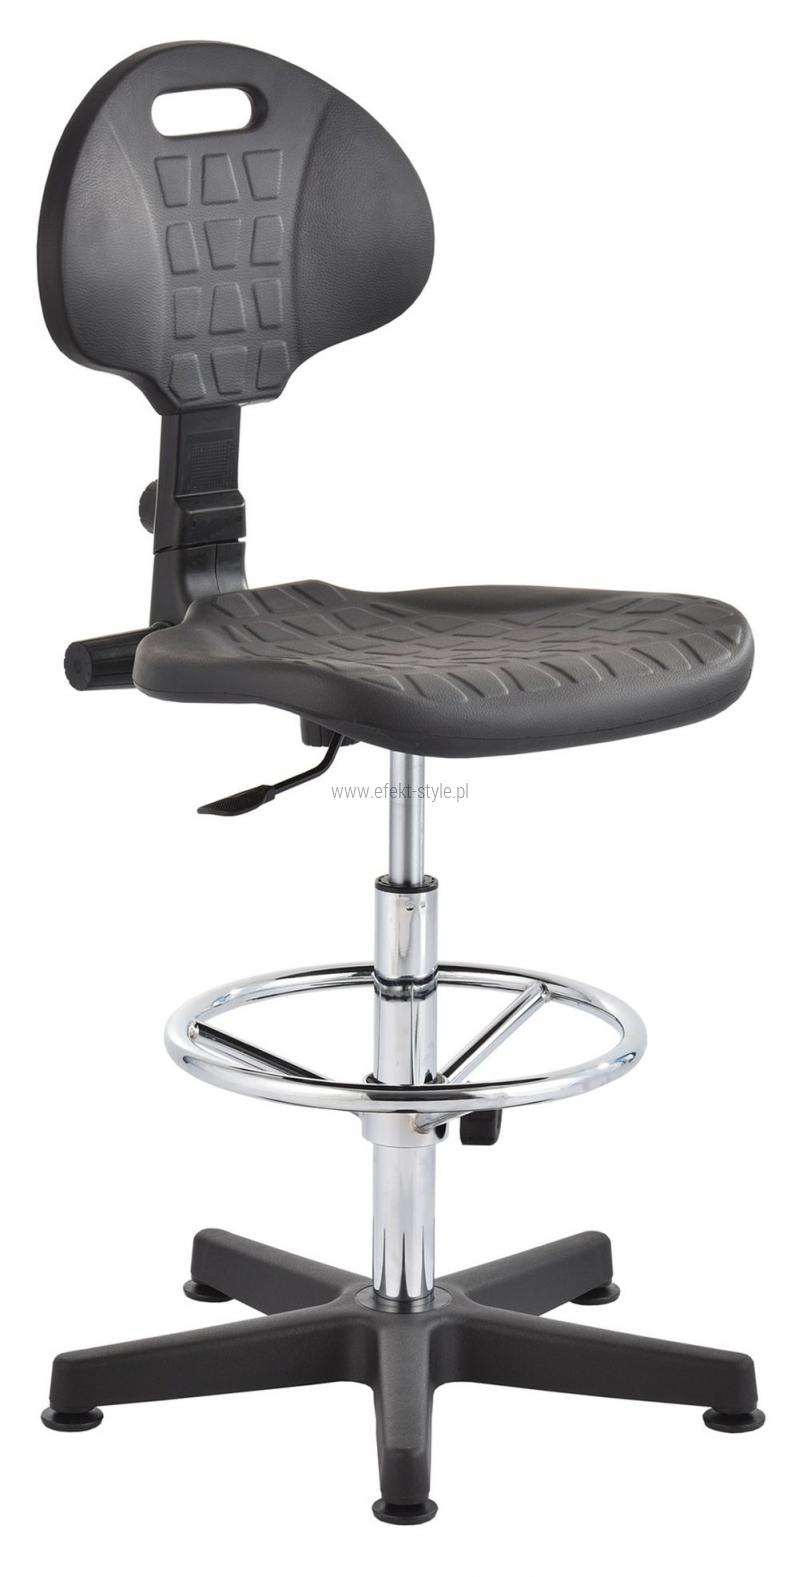 Krzesło laboratoryjne wysokie - czarny/chrom